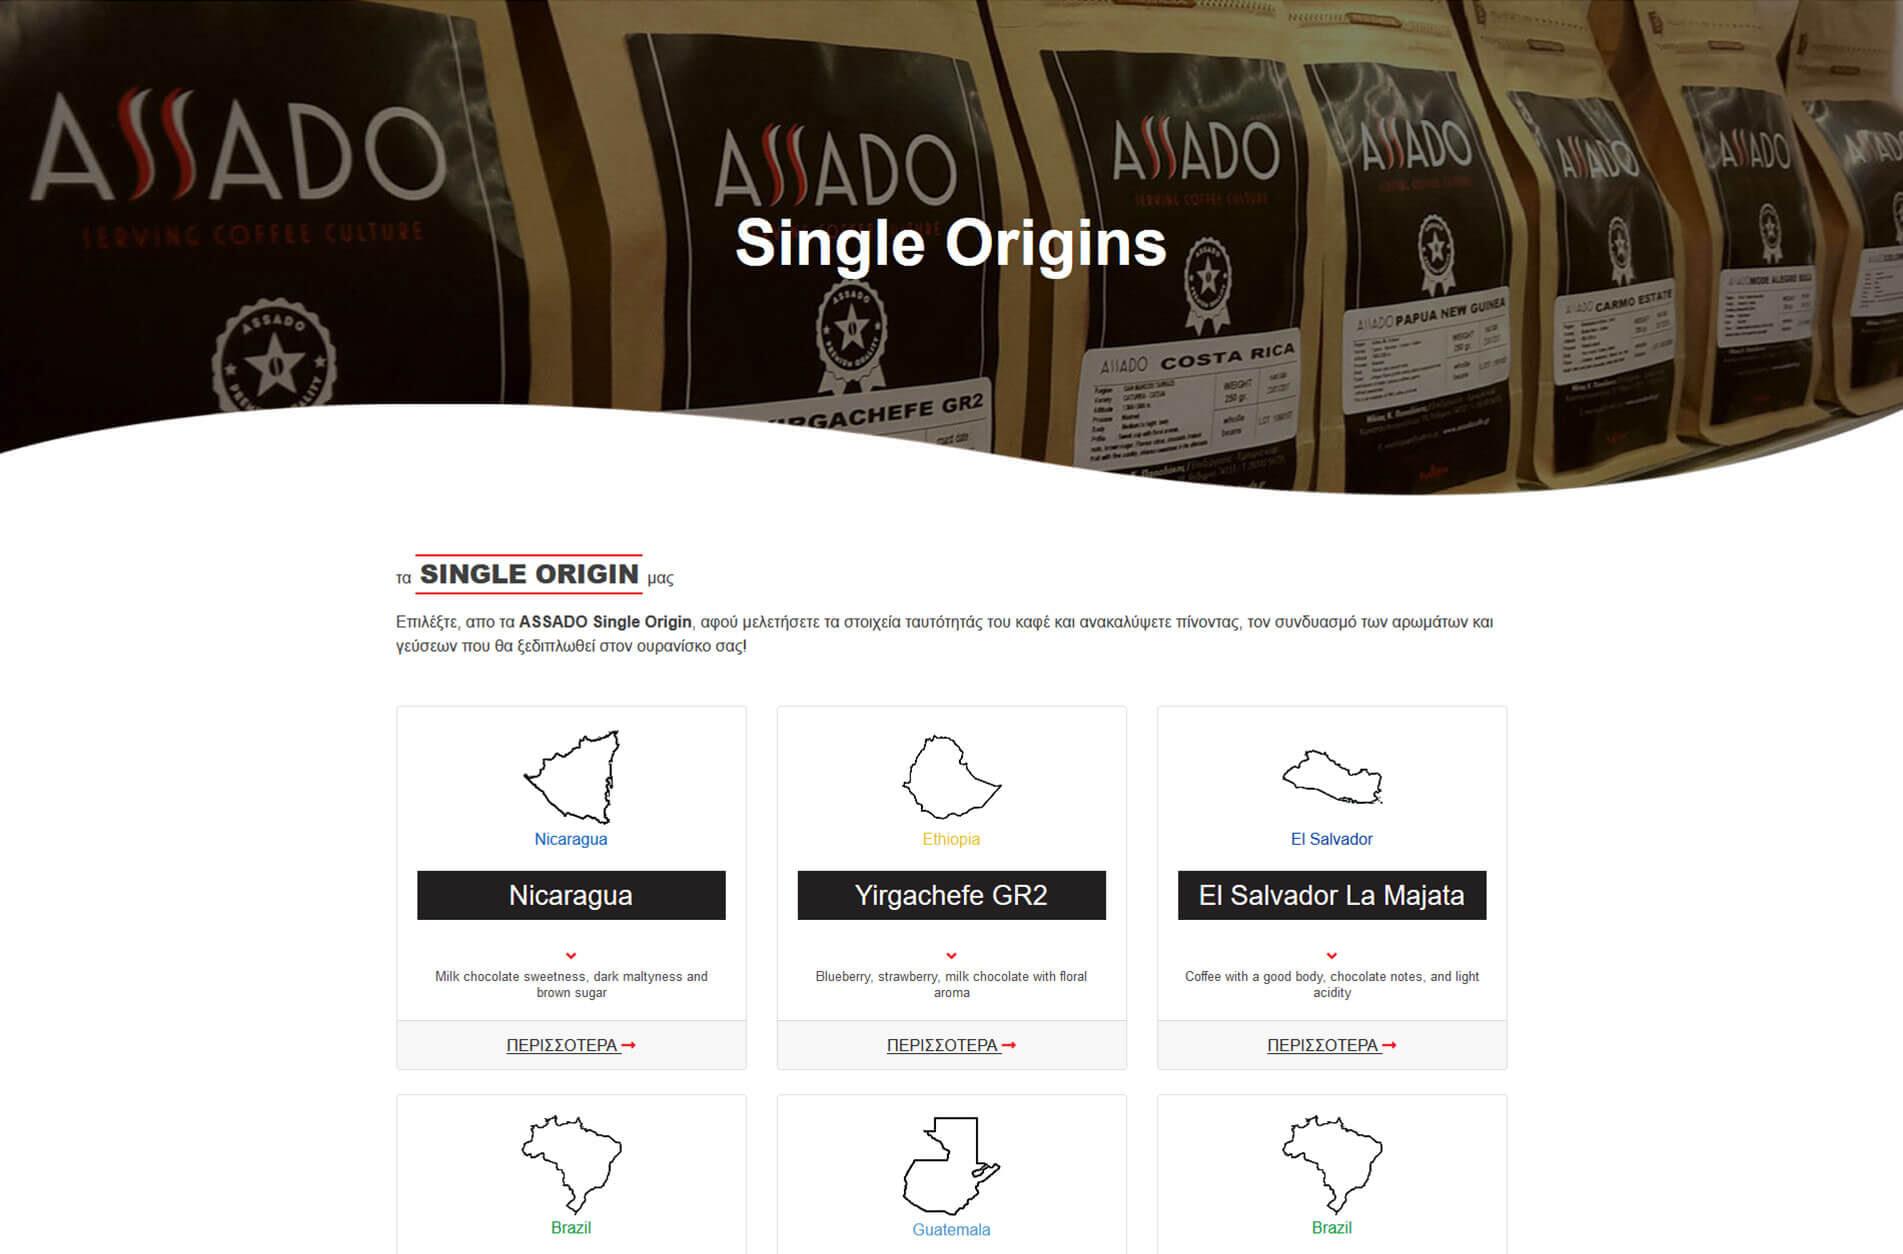 Assado Single Origins